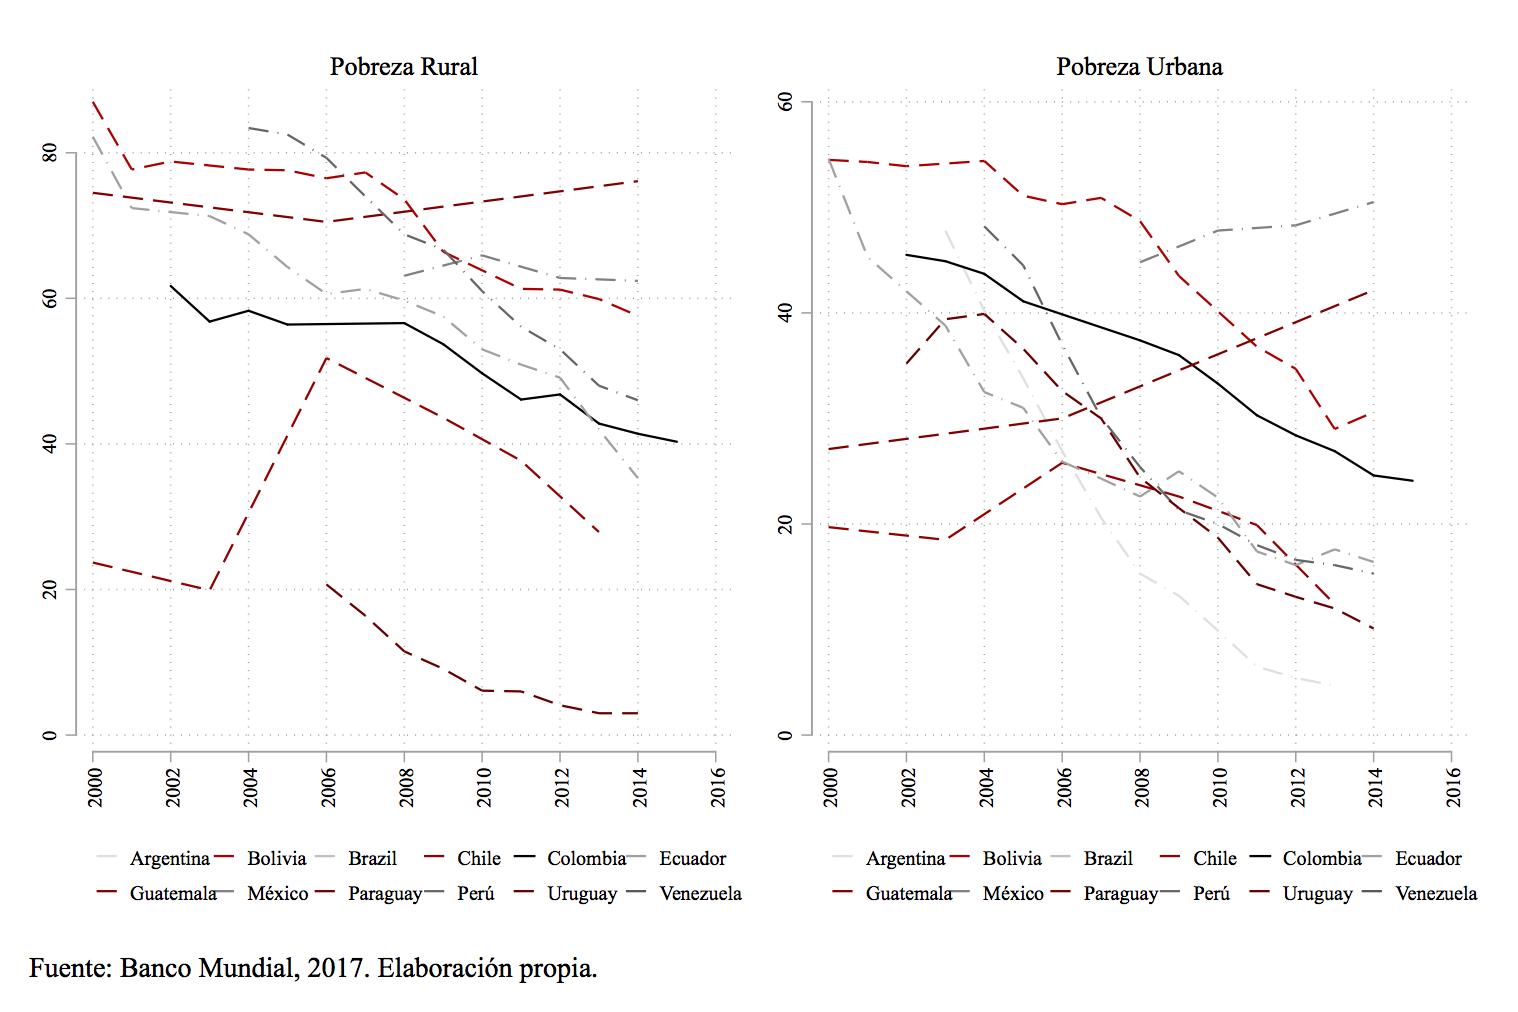 Gráfica Pobreza Rural y Urbana.png